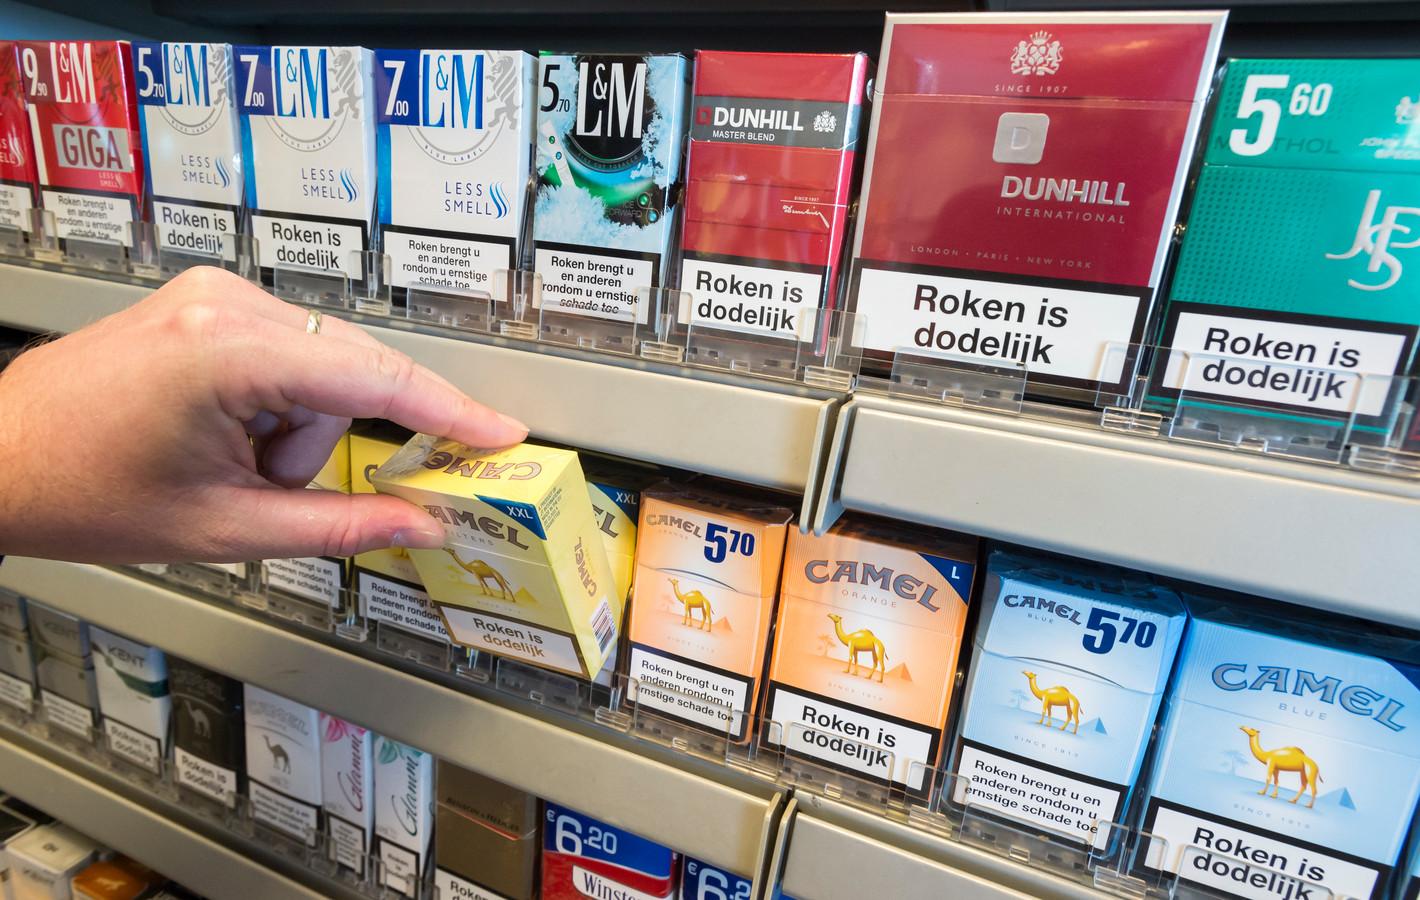 Pakjes sigaretten in het schap bij een benzinepomp.